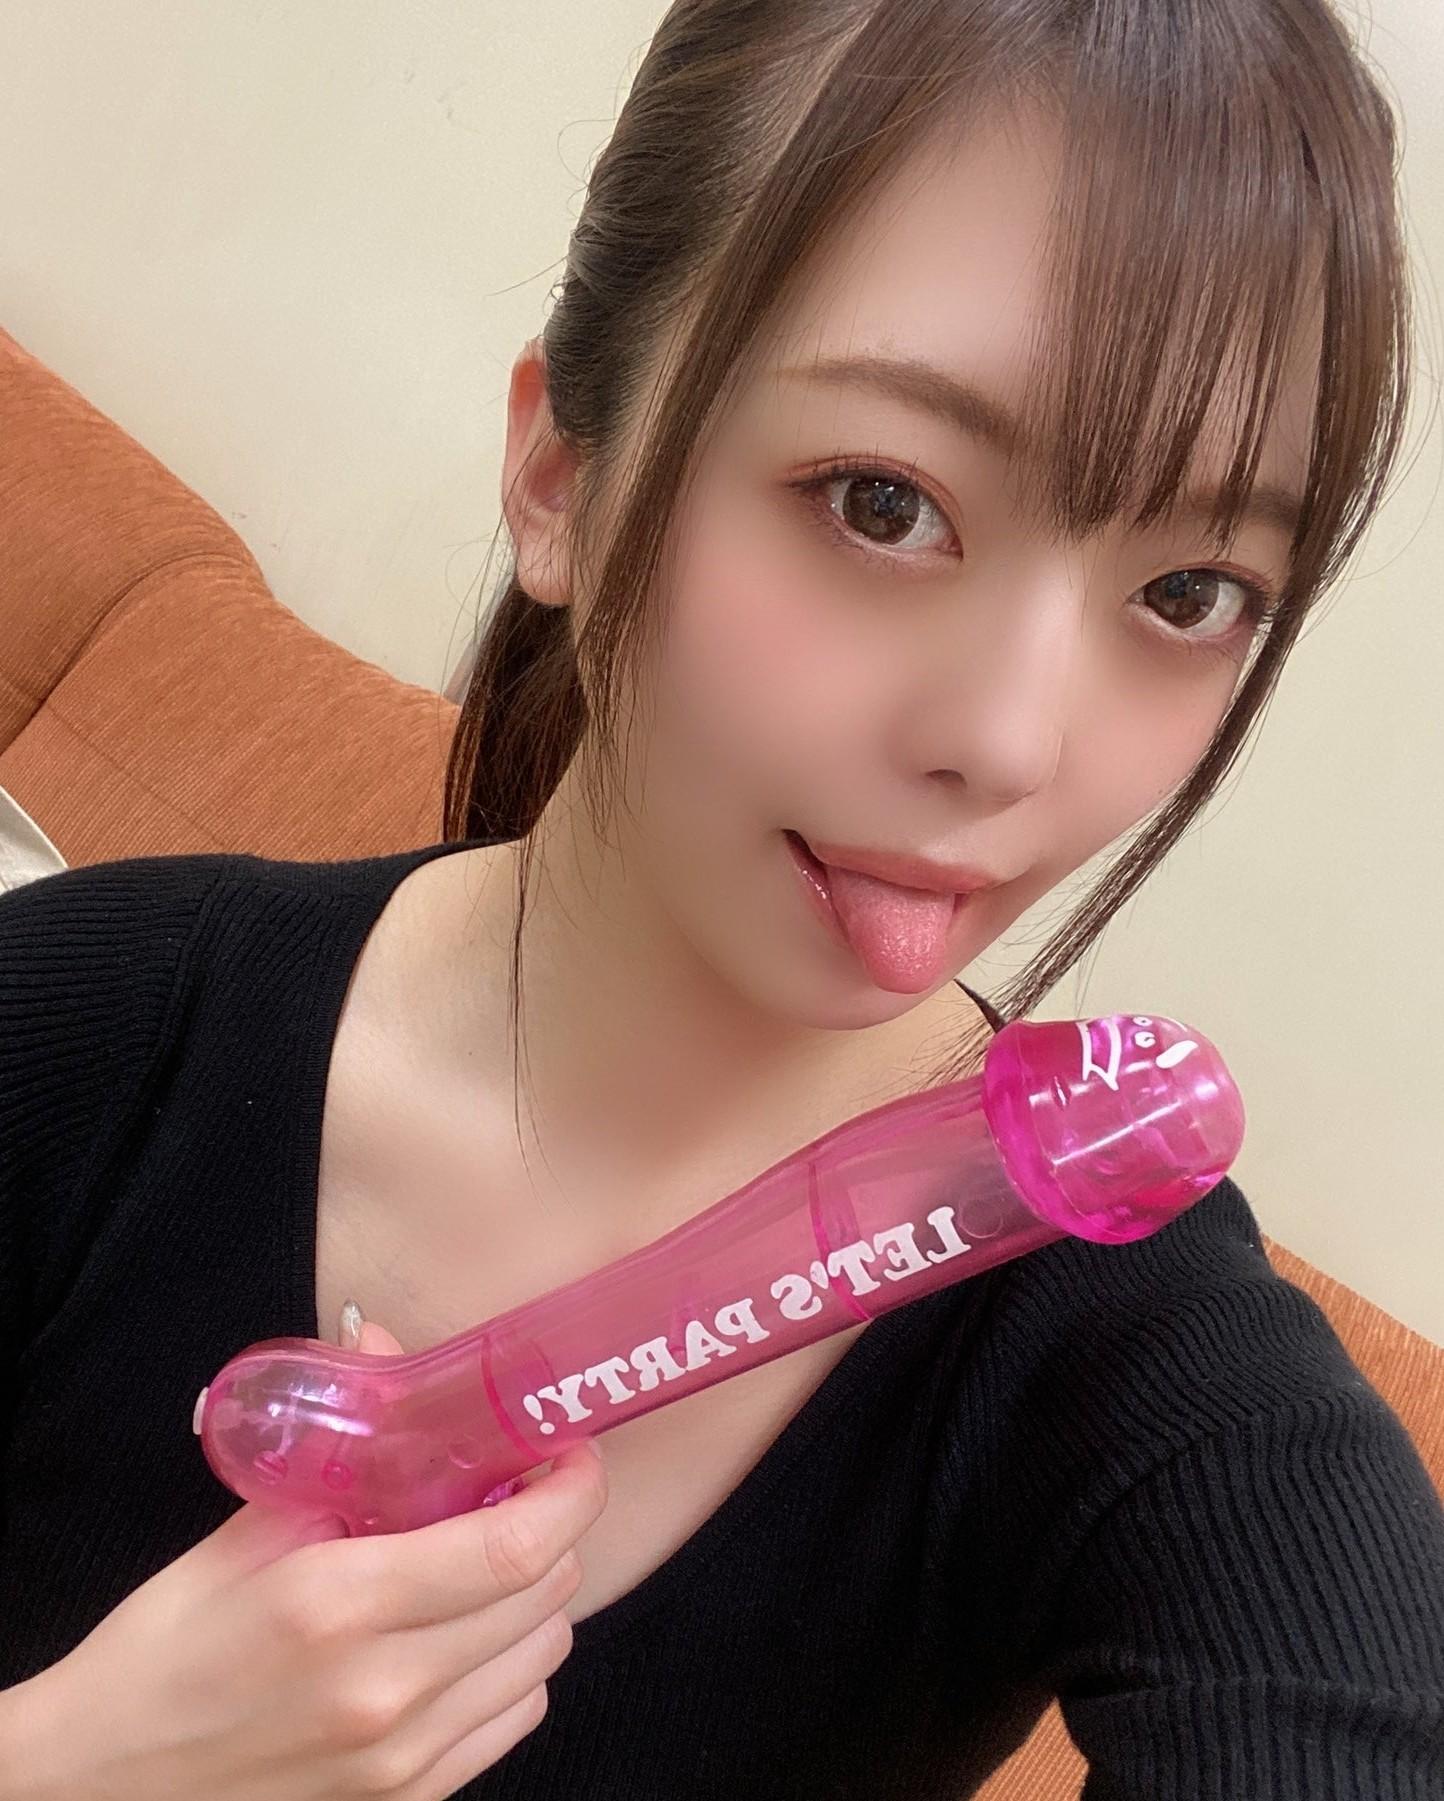 七瀬いおりのぽってり舌 (15)